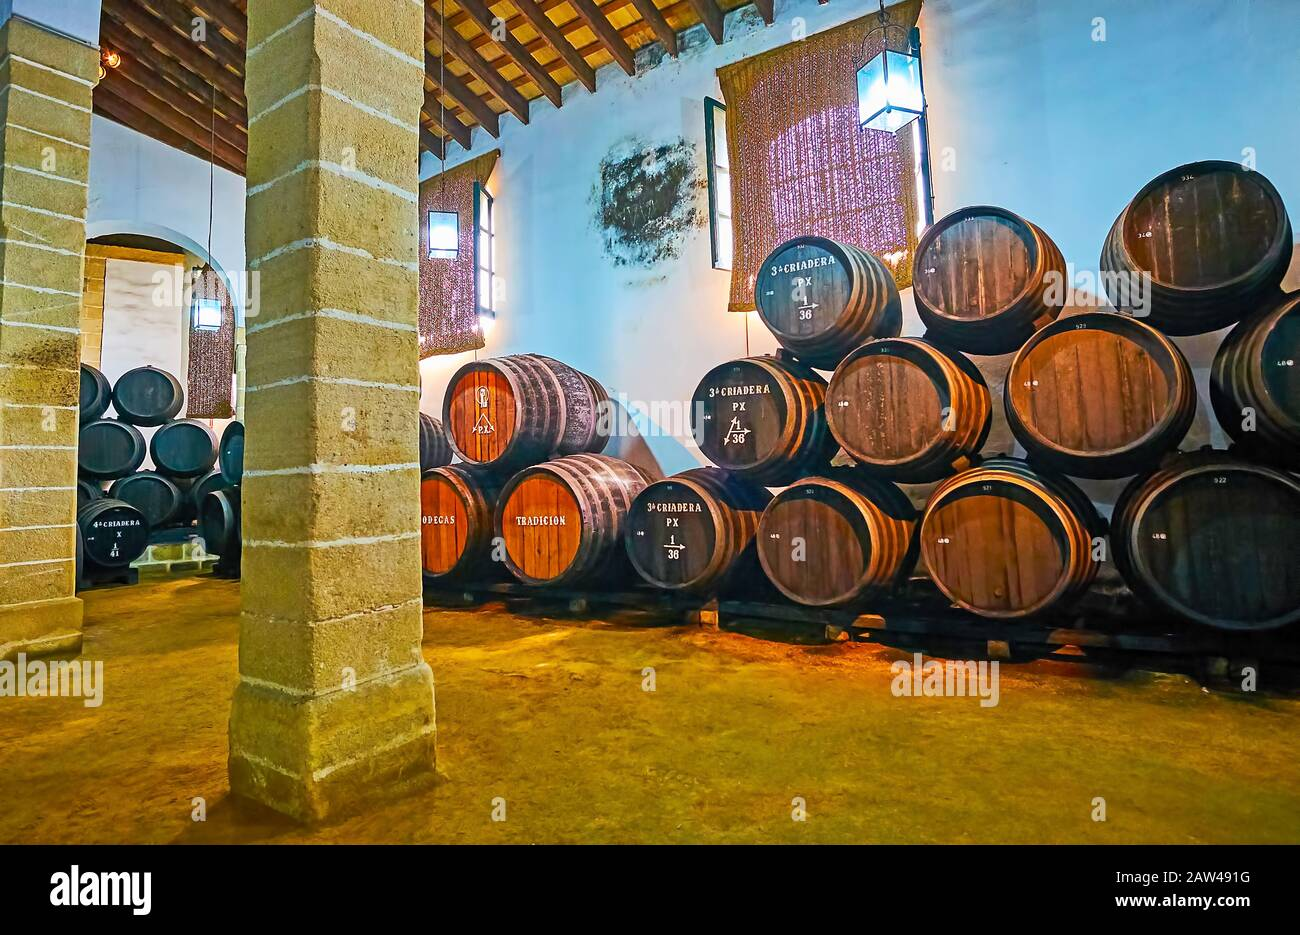 Jerez, SPAGNA - 20 SETTEMBRE 2019: Le botti di rovere vintage impilate con vino Sherry invecchiato a Bodegas Tradicion, il 20 settembre a Jerez Foto Stock